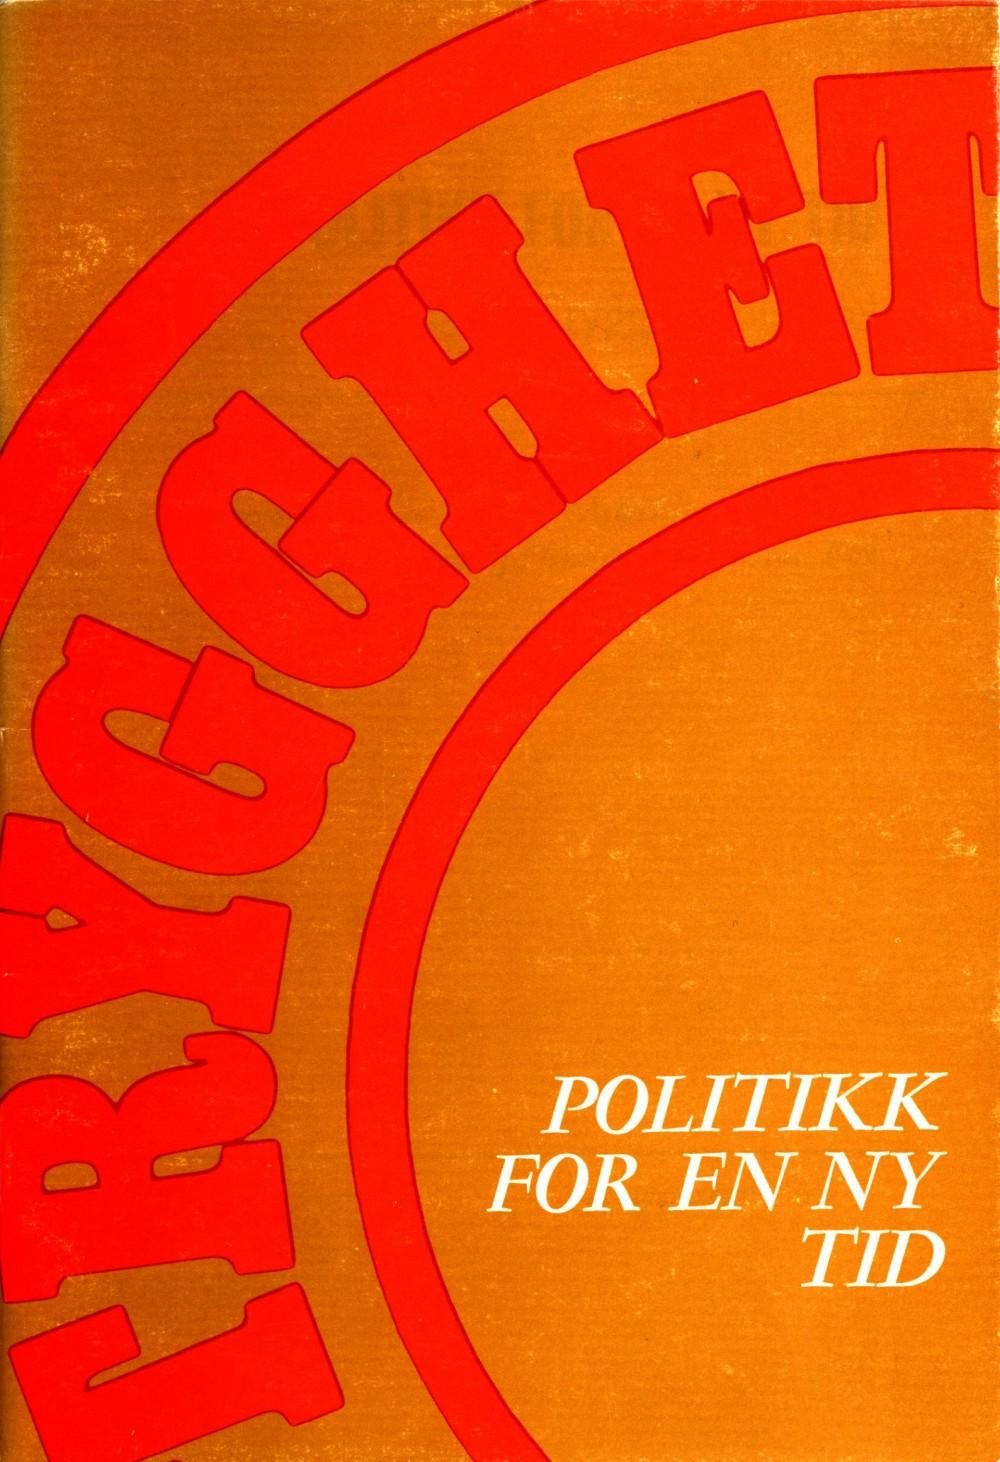 Politikk for en ny tid - Arbeidsprogram for Det norske Arbeiderparti 1970-1973